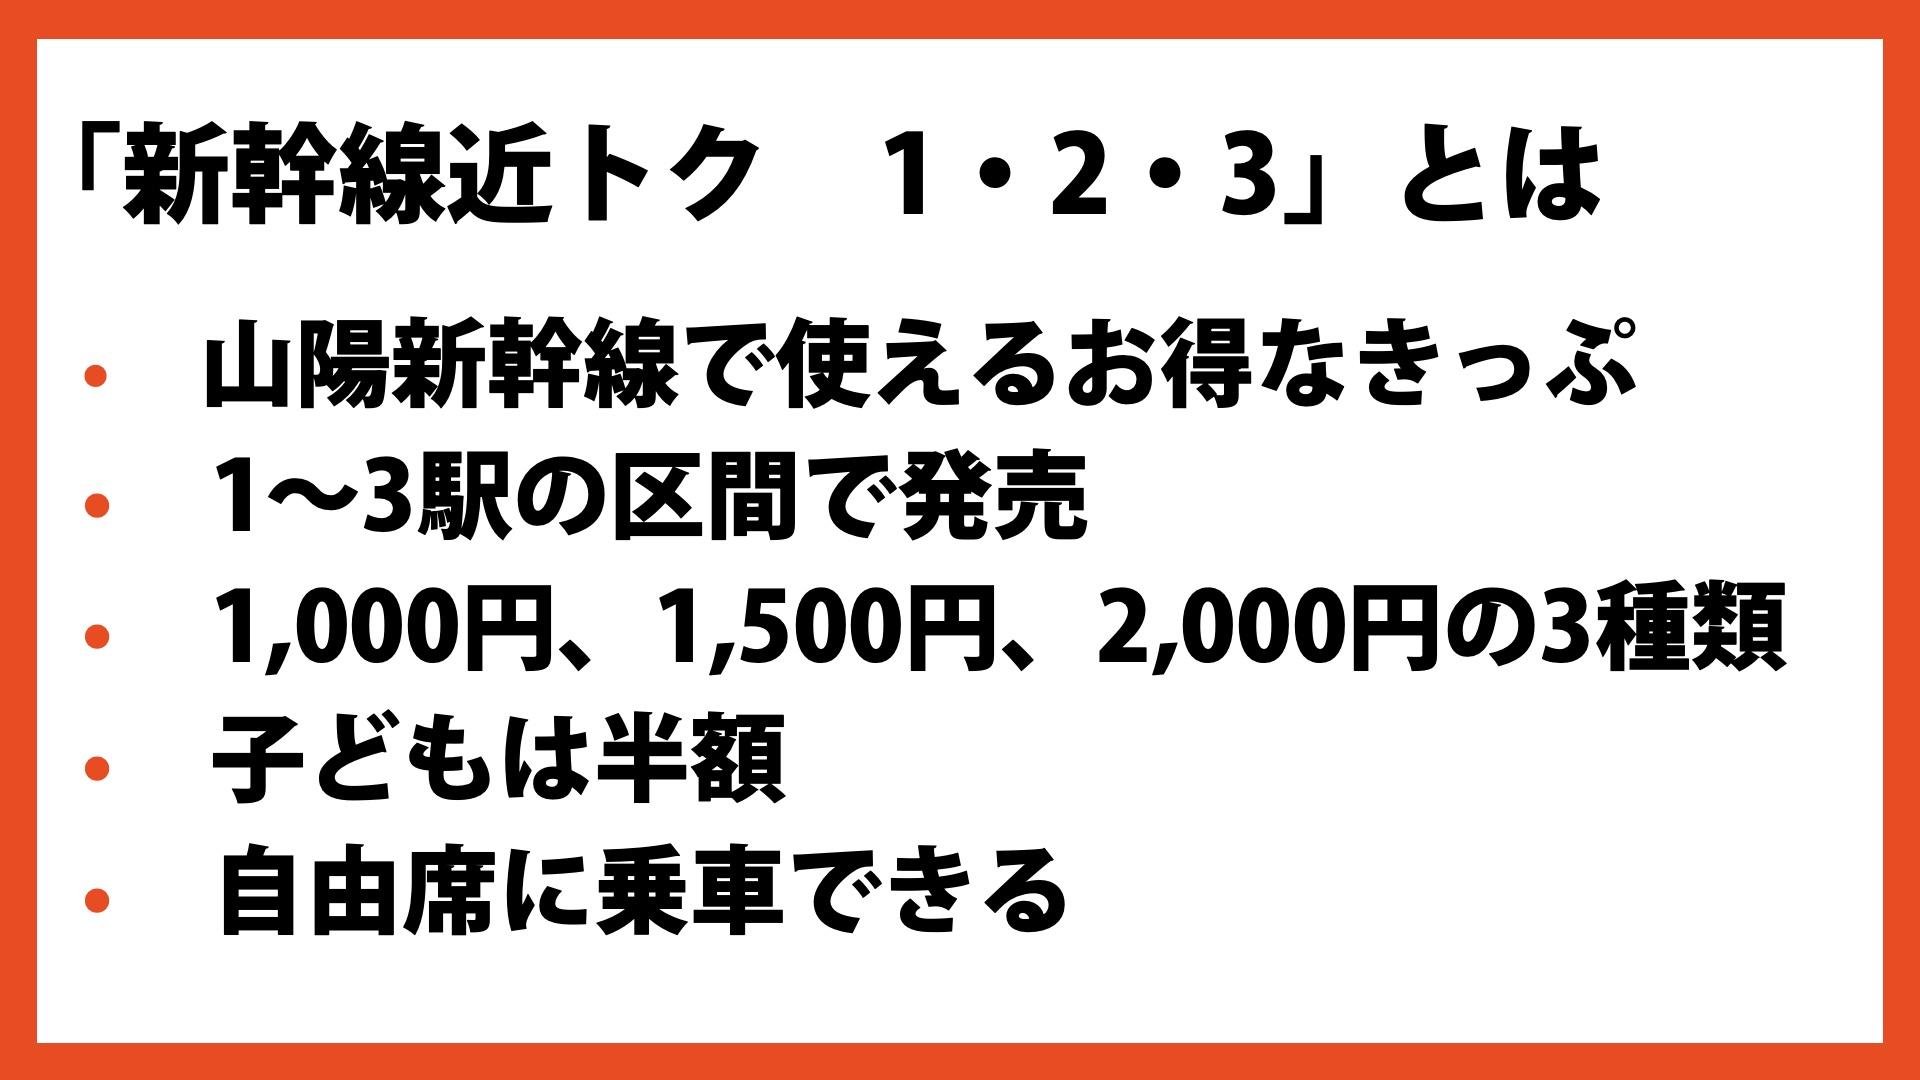 新幹線 乗車 率 山陽